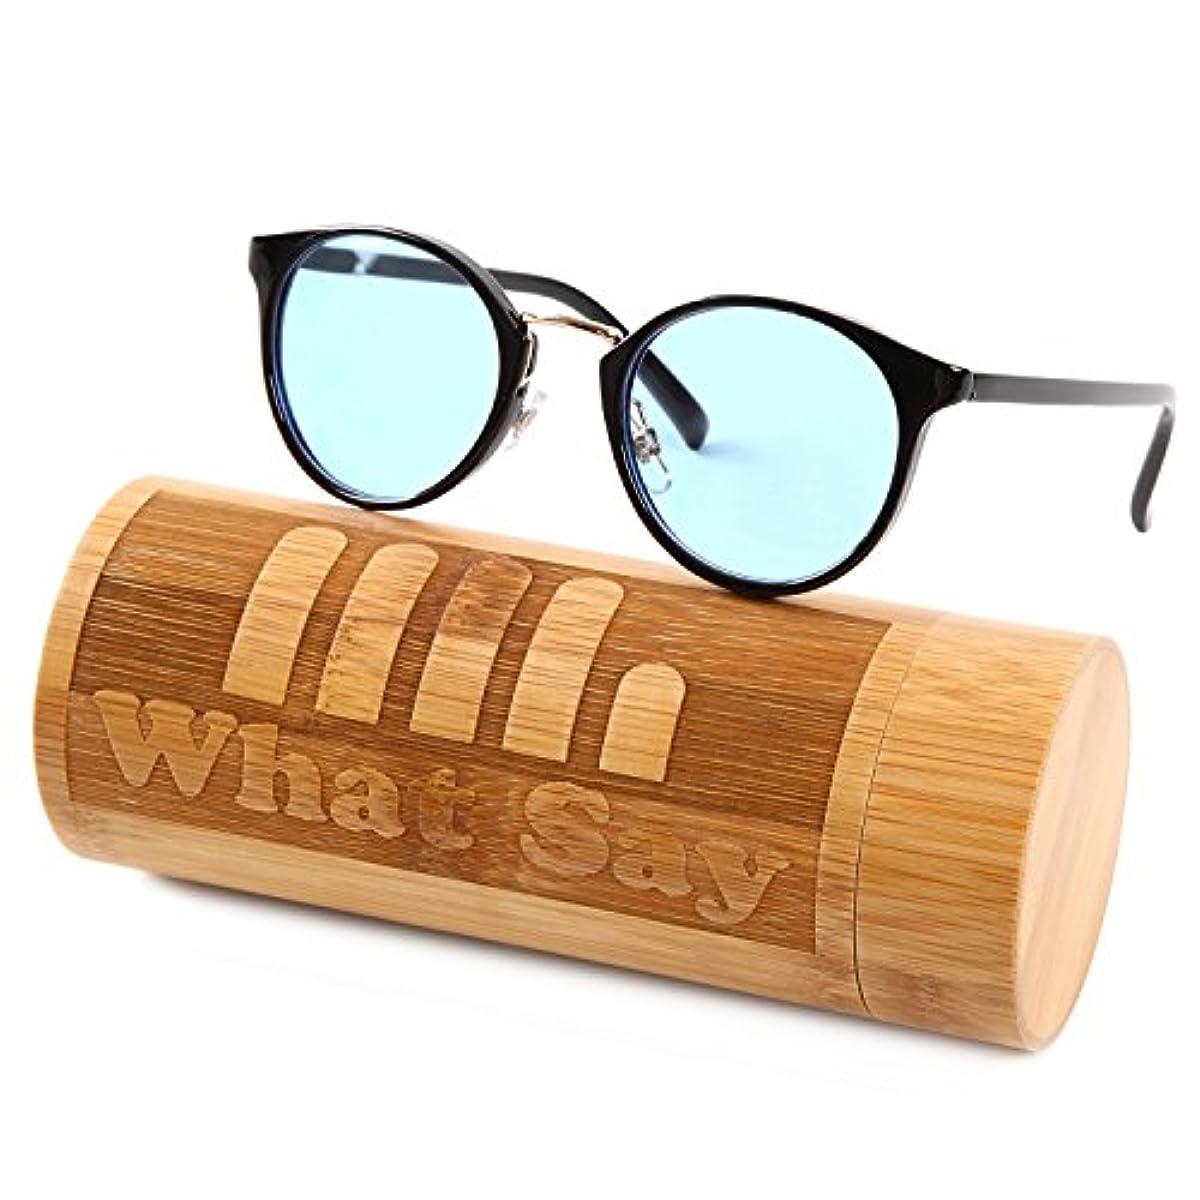 [해외] WHAT SAY 골드 bridge 클래식 프레임 컬러 렌즈 썬글라스 클리어 렌즈 다테 안경 전12색 아시안 피트 트렌드 UV400 맨즈 레이디스 소프트 & 하드 케이스 첨부부